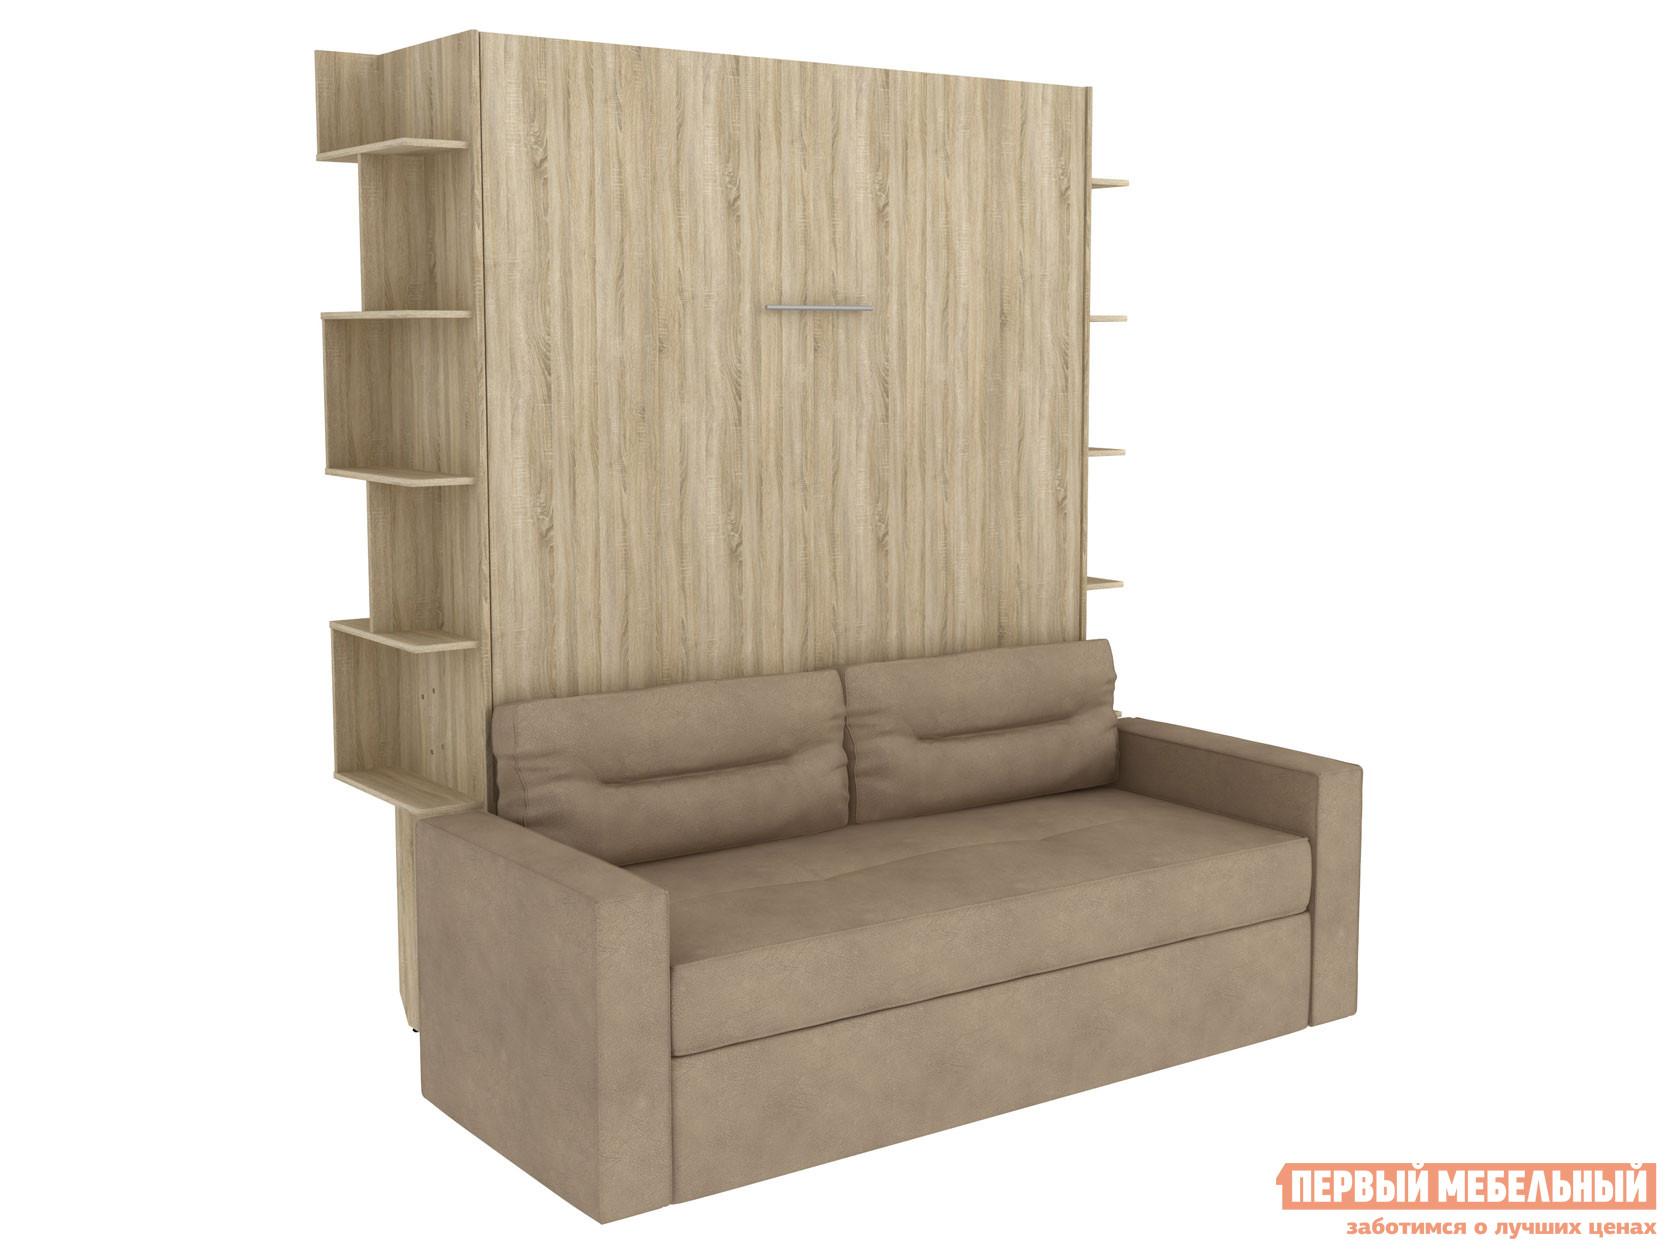 Диван-кровать Первый Мебельный Диван-кровать Мерлен 2